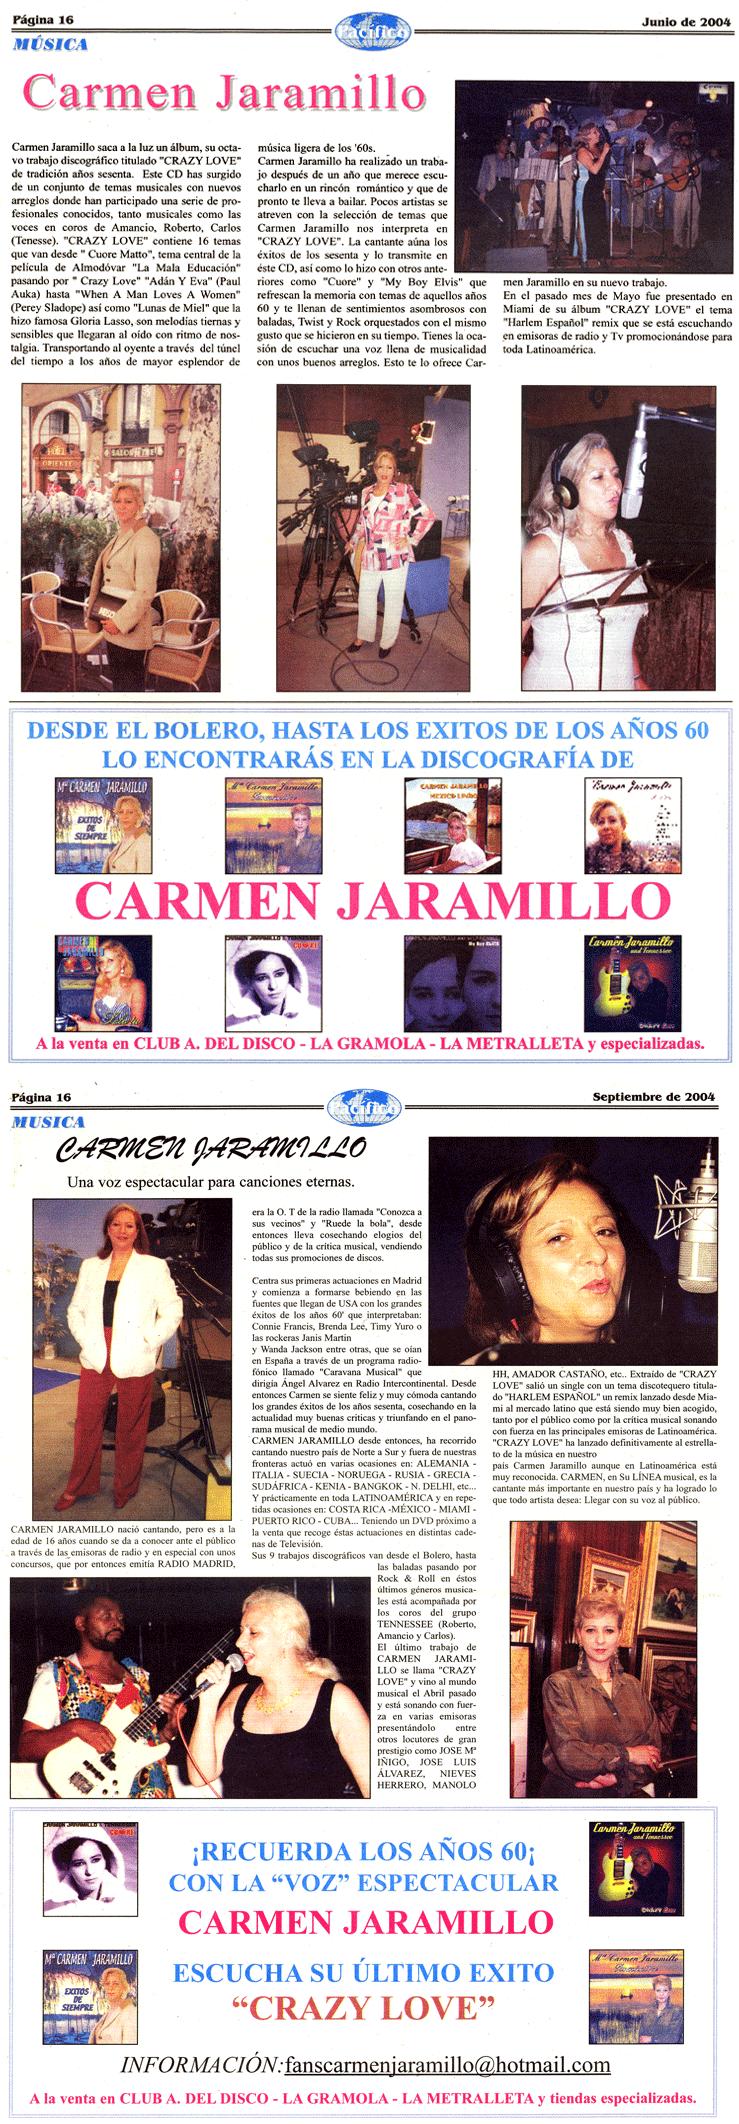 Carmen Jaramillo publicidad periódico Pacifico.